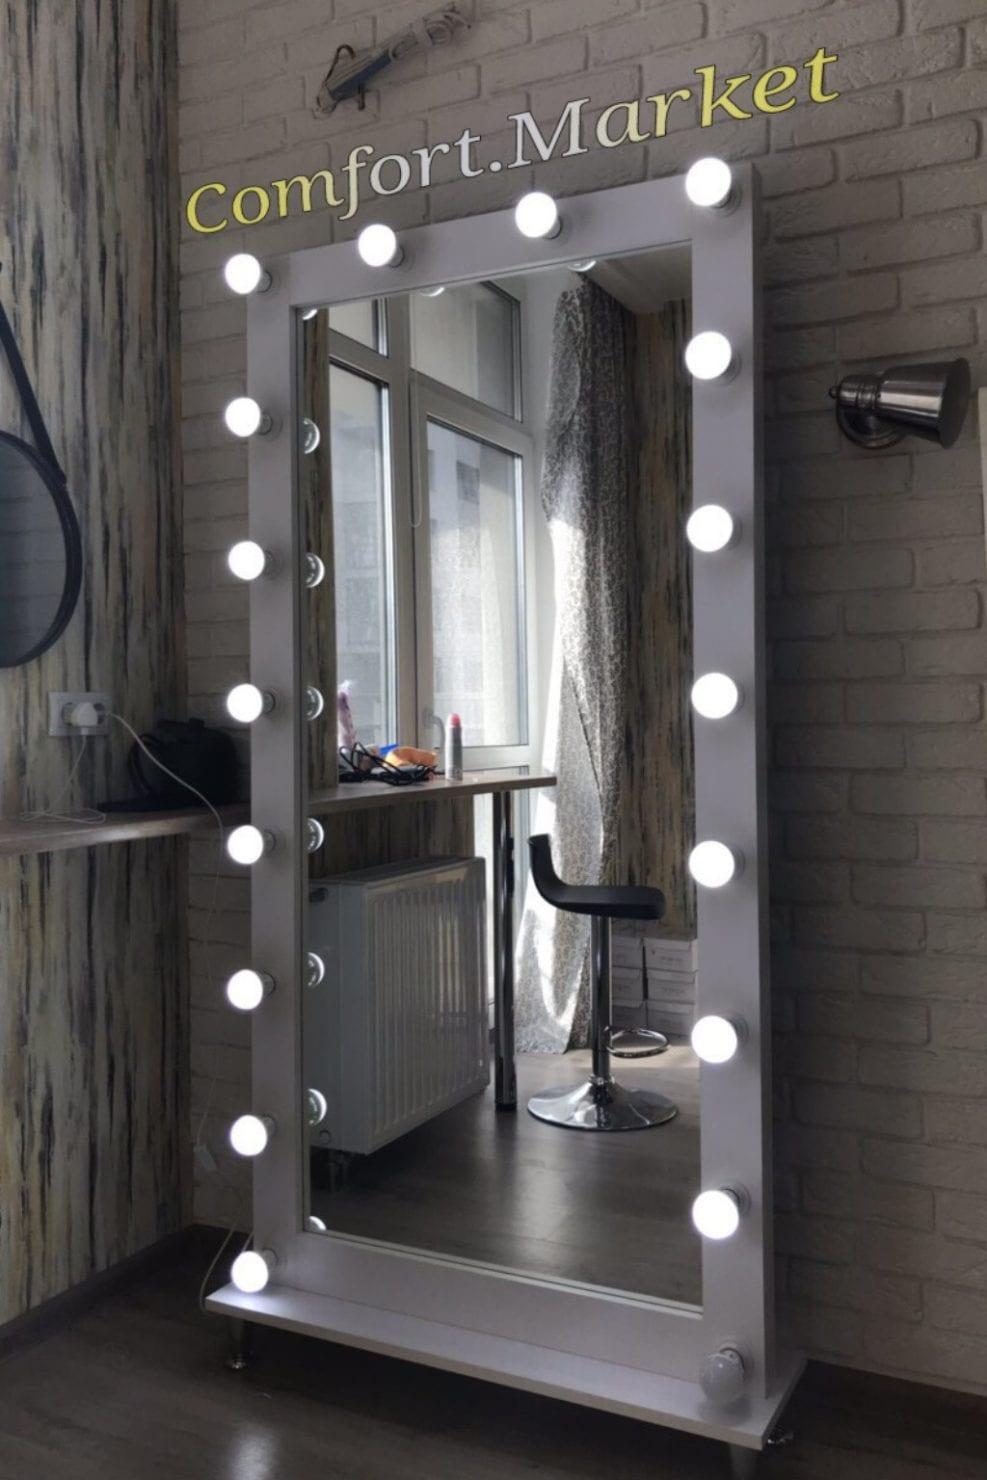 Зеркало в полный рост человека 90*185 см, цвет белый, напольное на ножках.